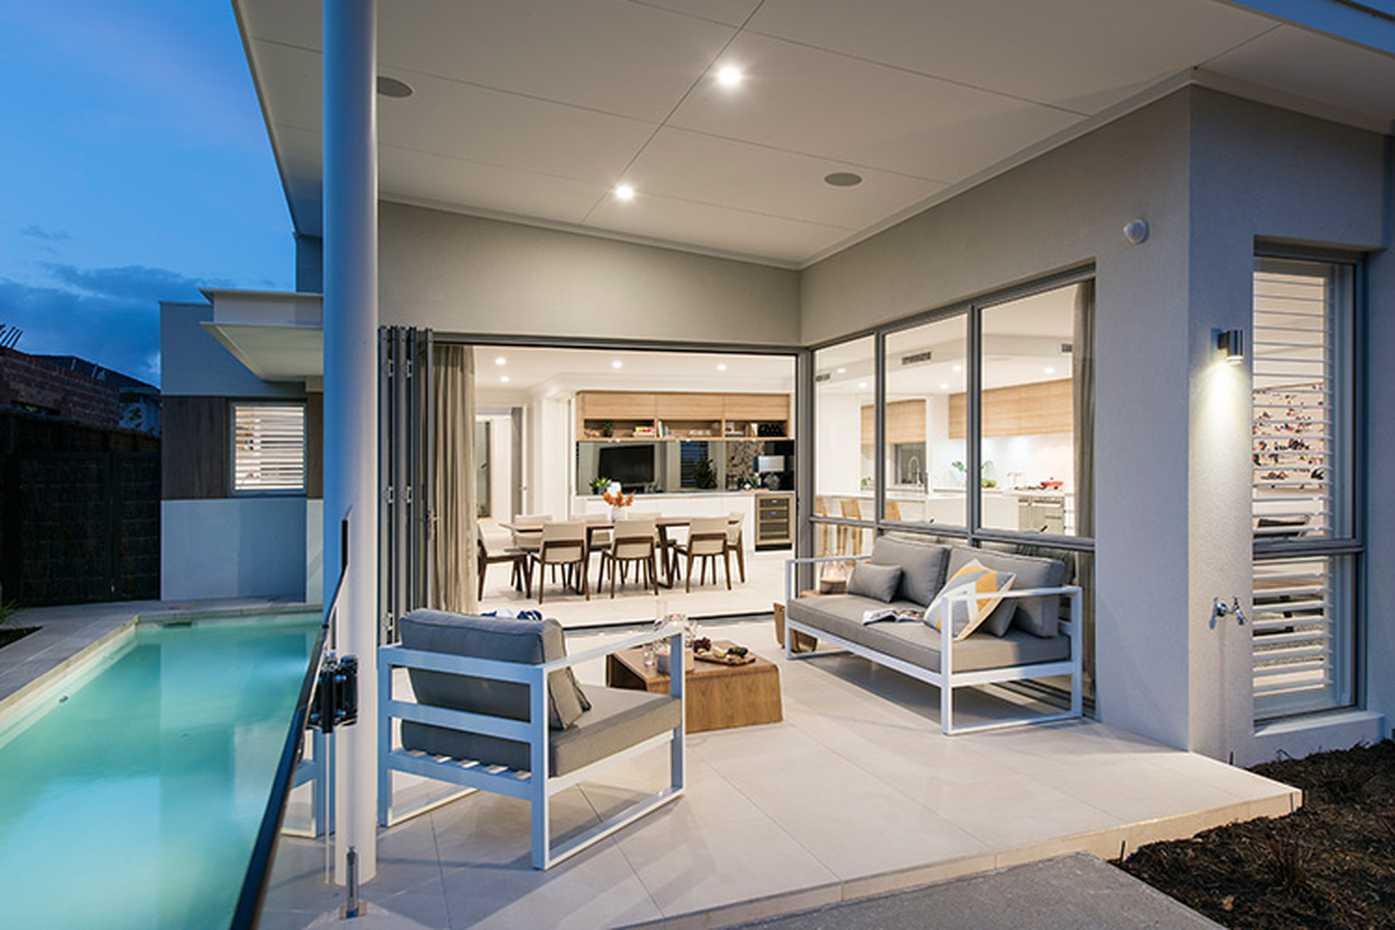 Boardwalk-alfresco-lap-pool